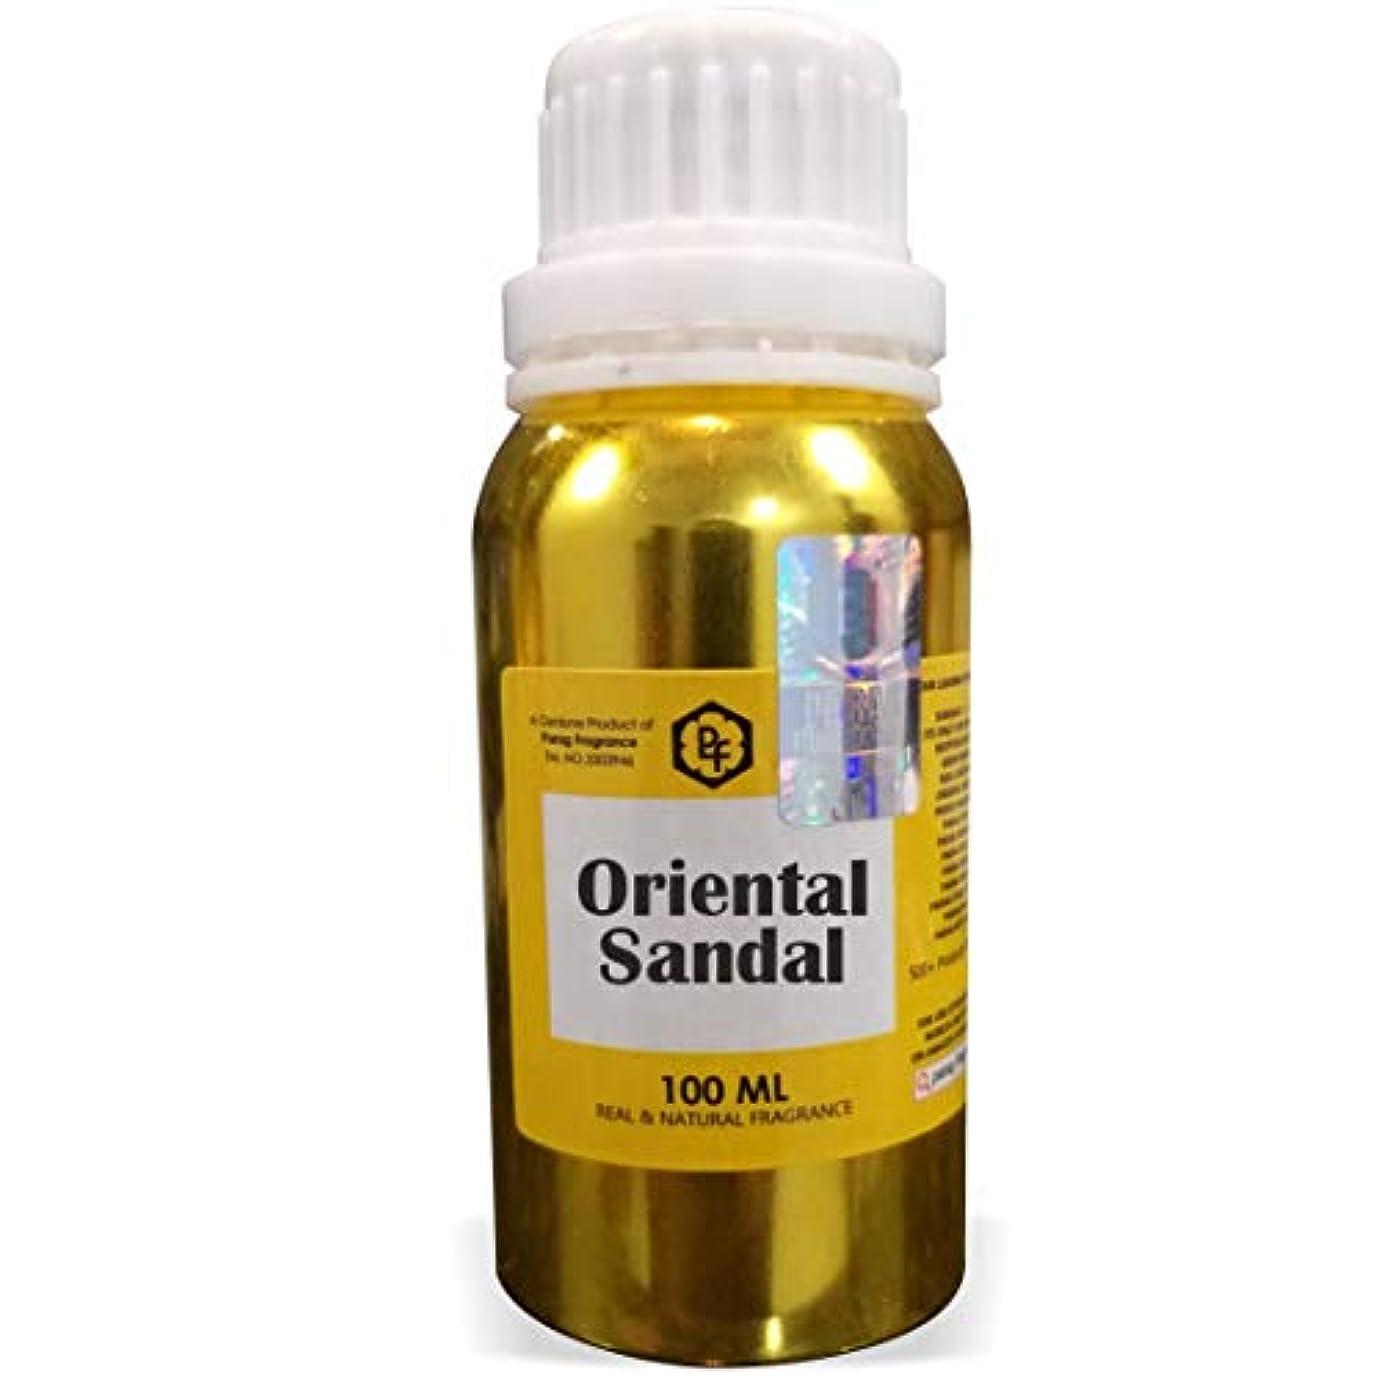 電話に出る不十分要塞Paragフレグランスオリエンタルサンダルアター100ミリリットル(男性用アルコールフリーアター)香油| 香り| ITRA